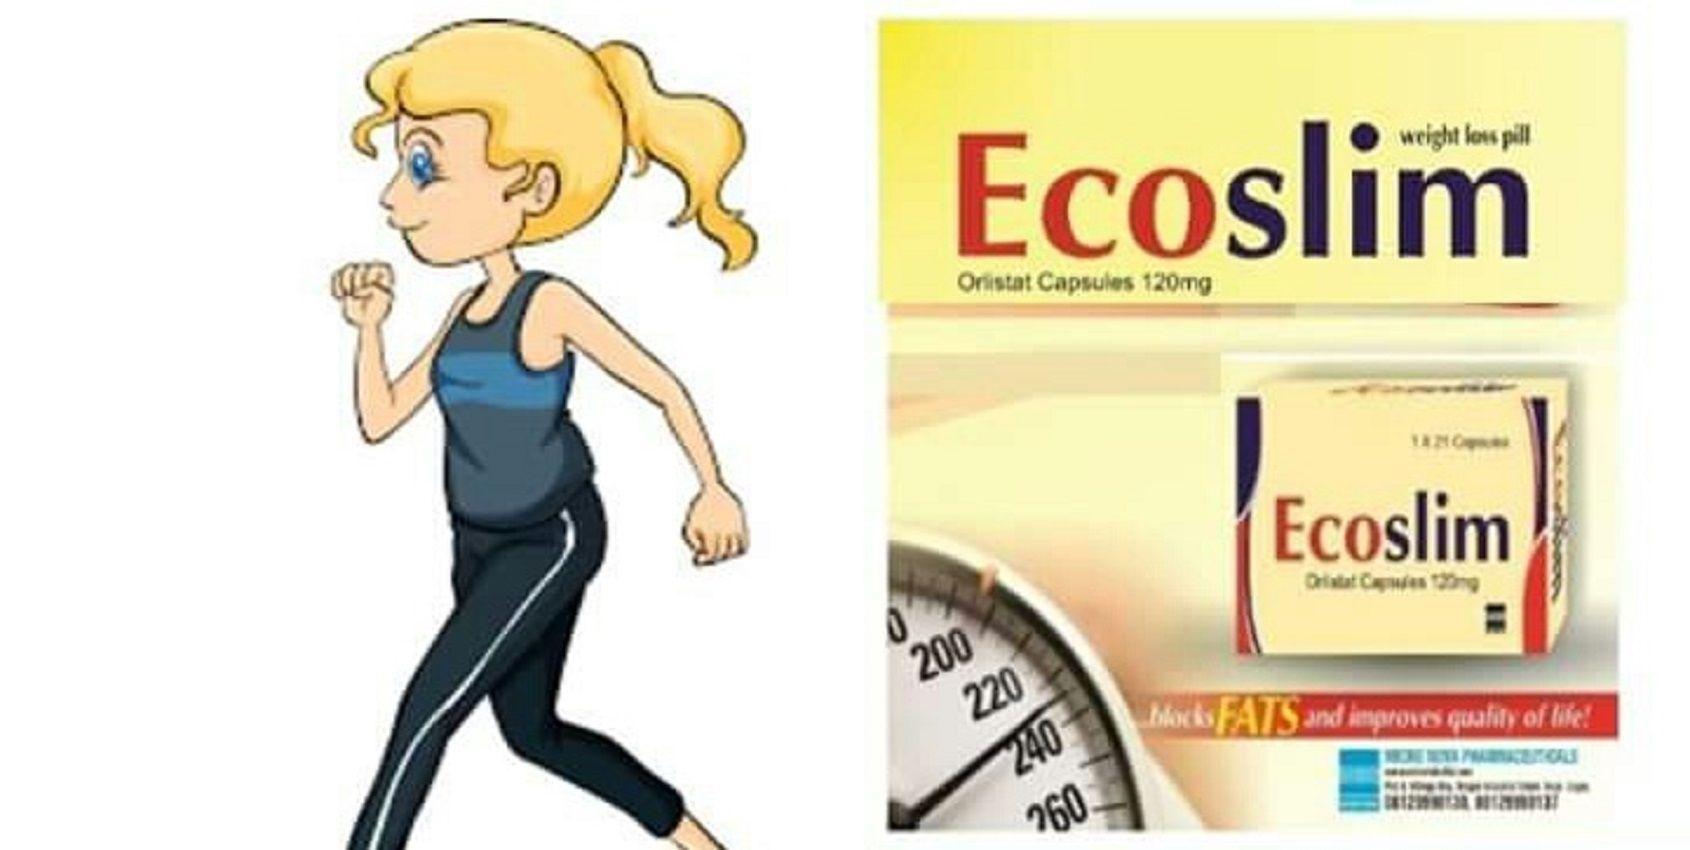 eco slim online kaufen kostenlos.jpg